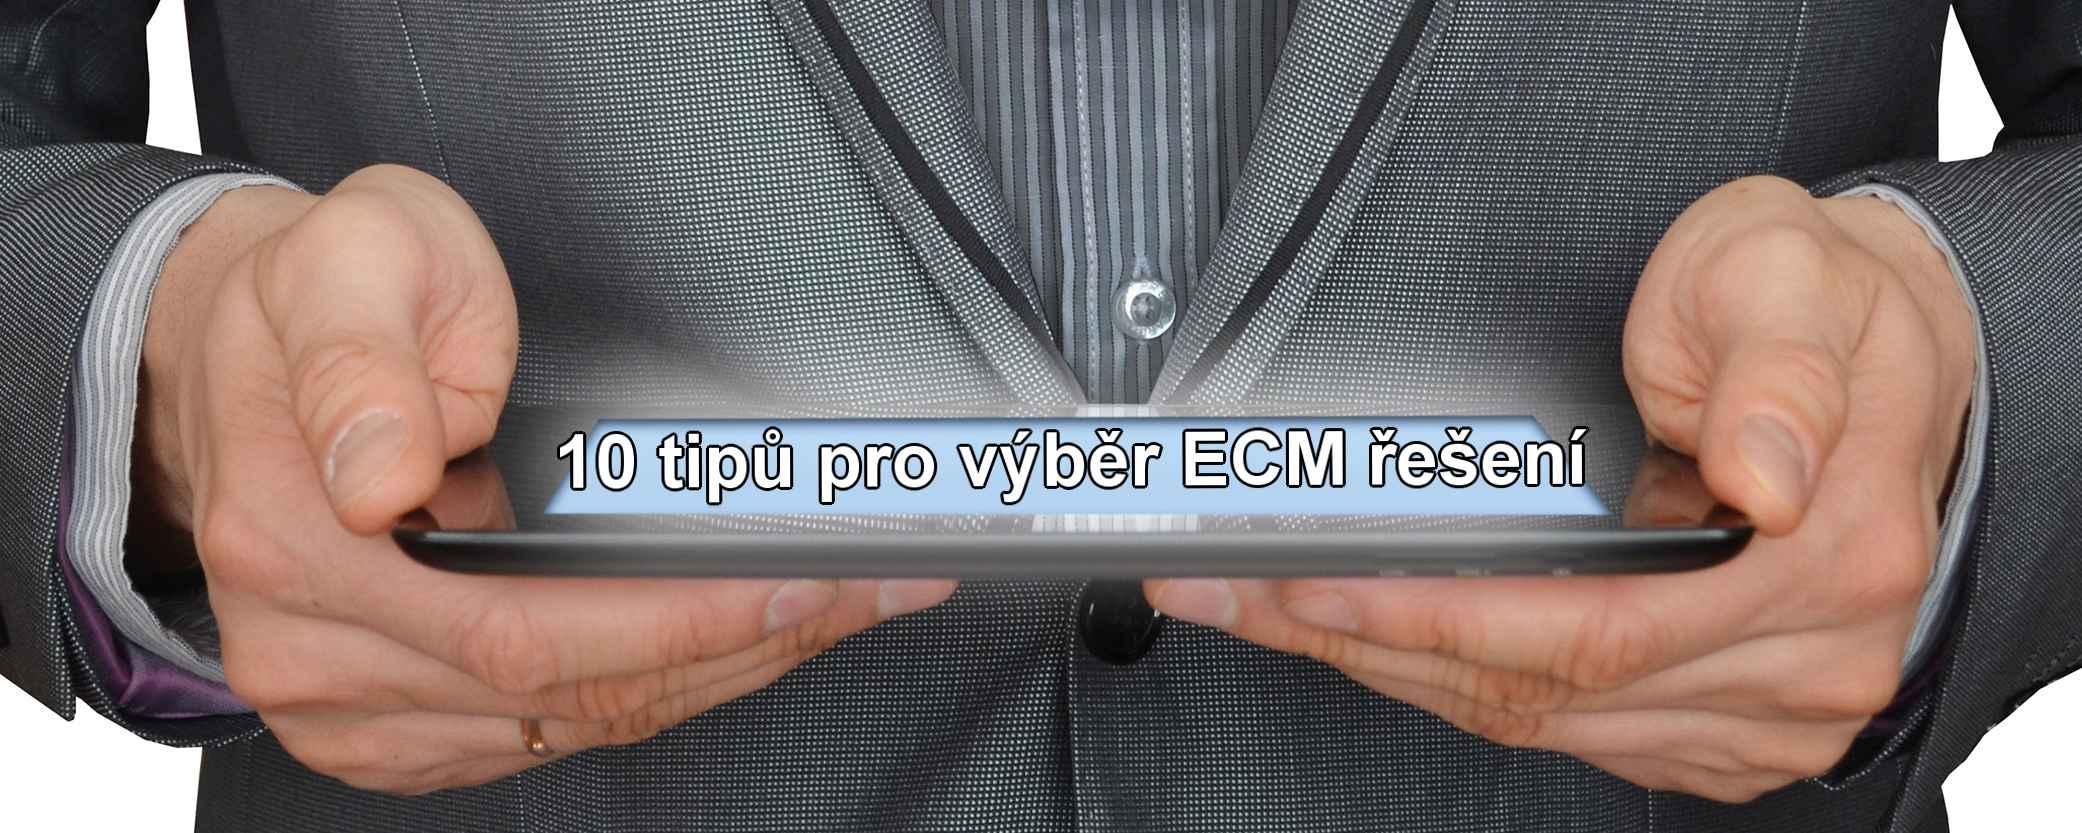 10 tipů ECM